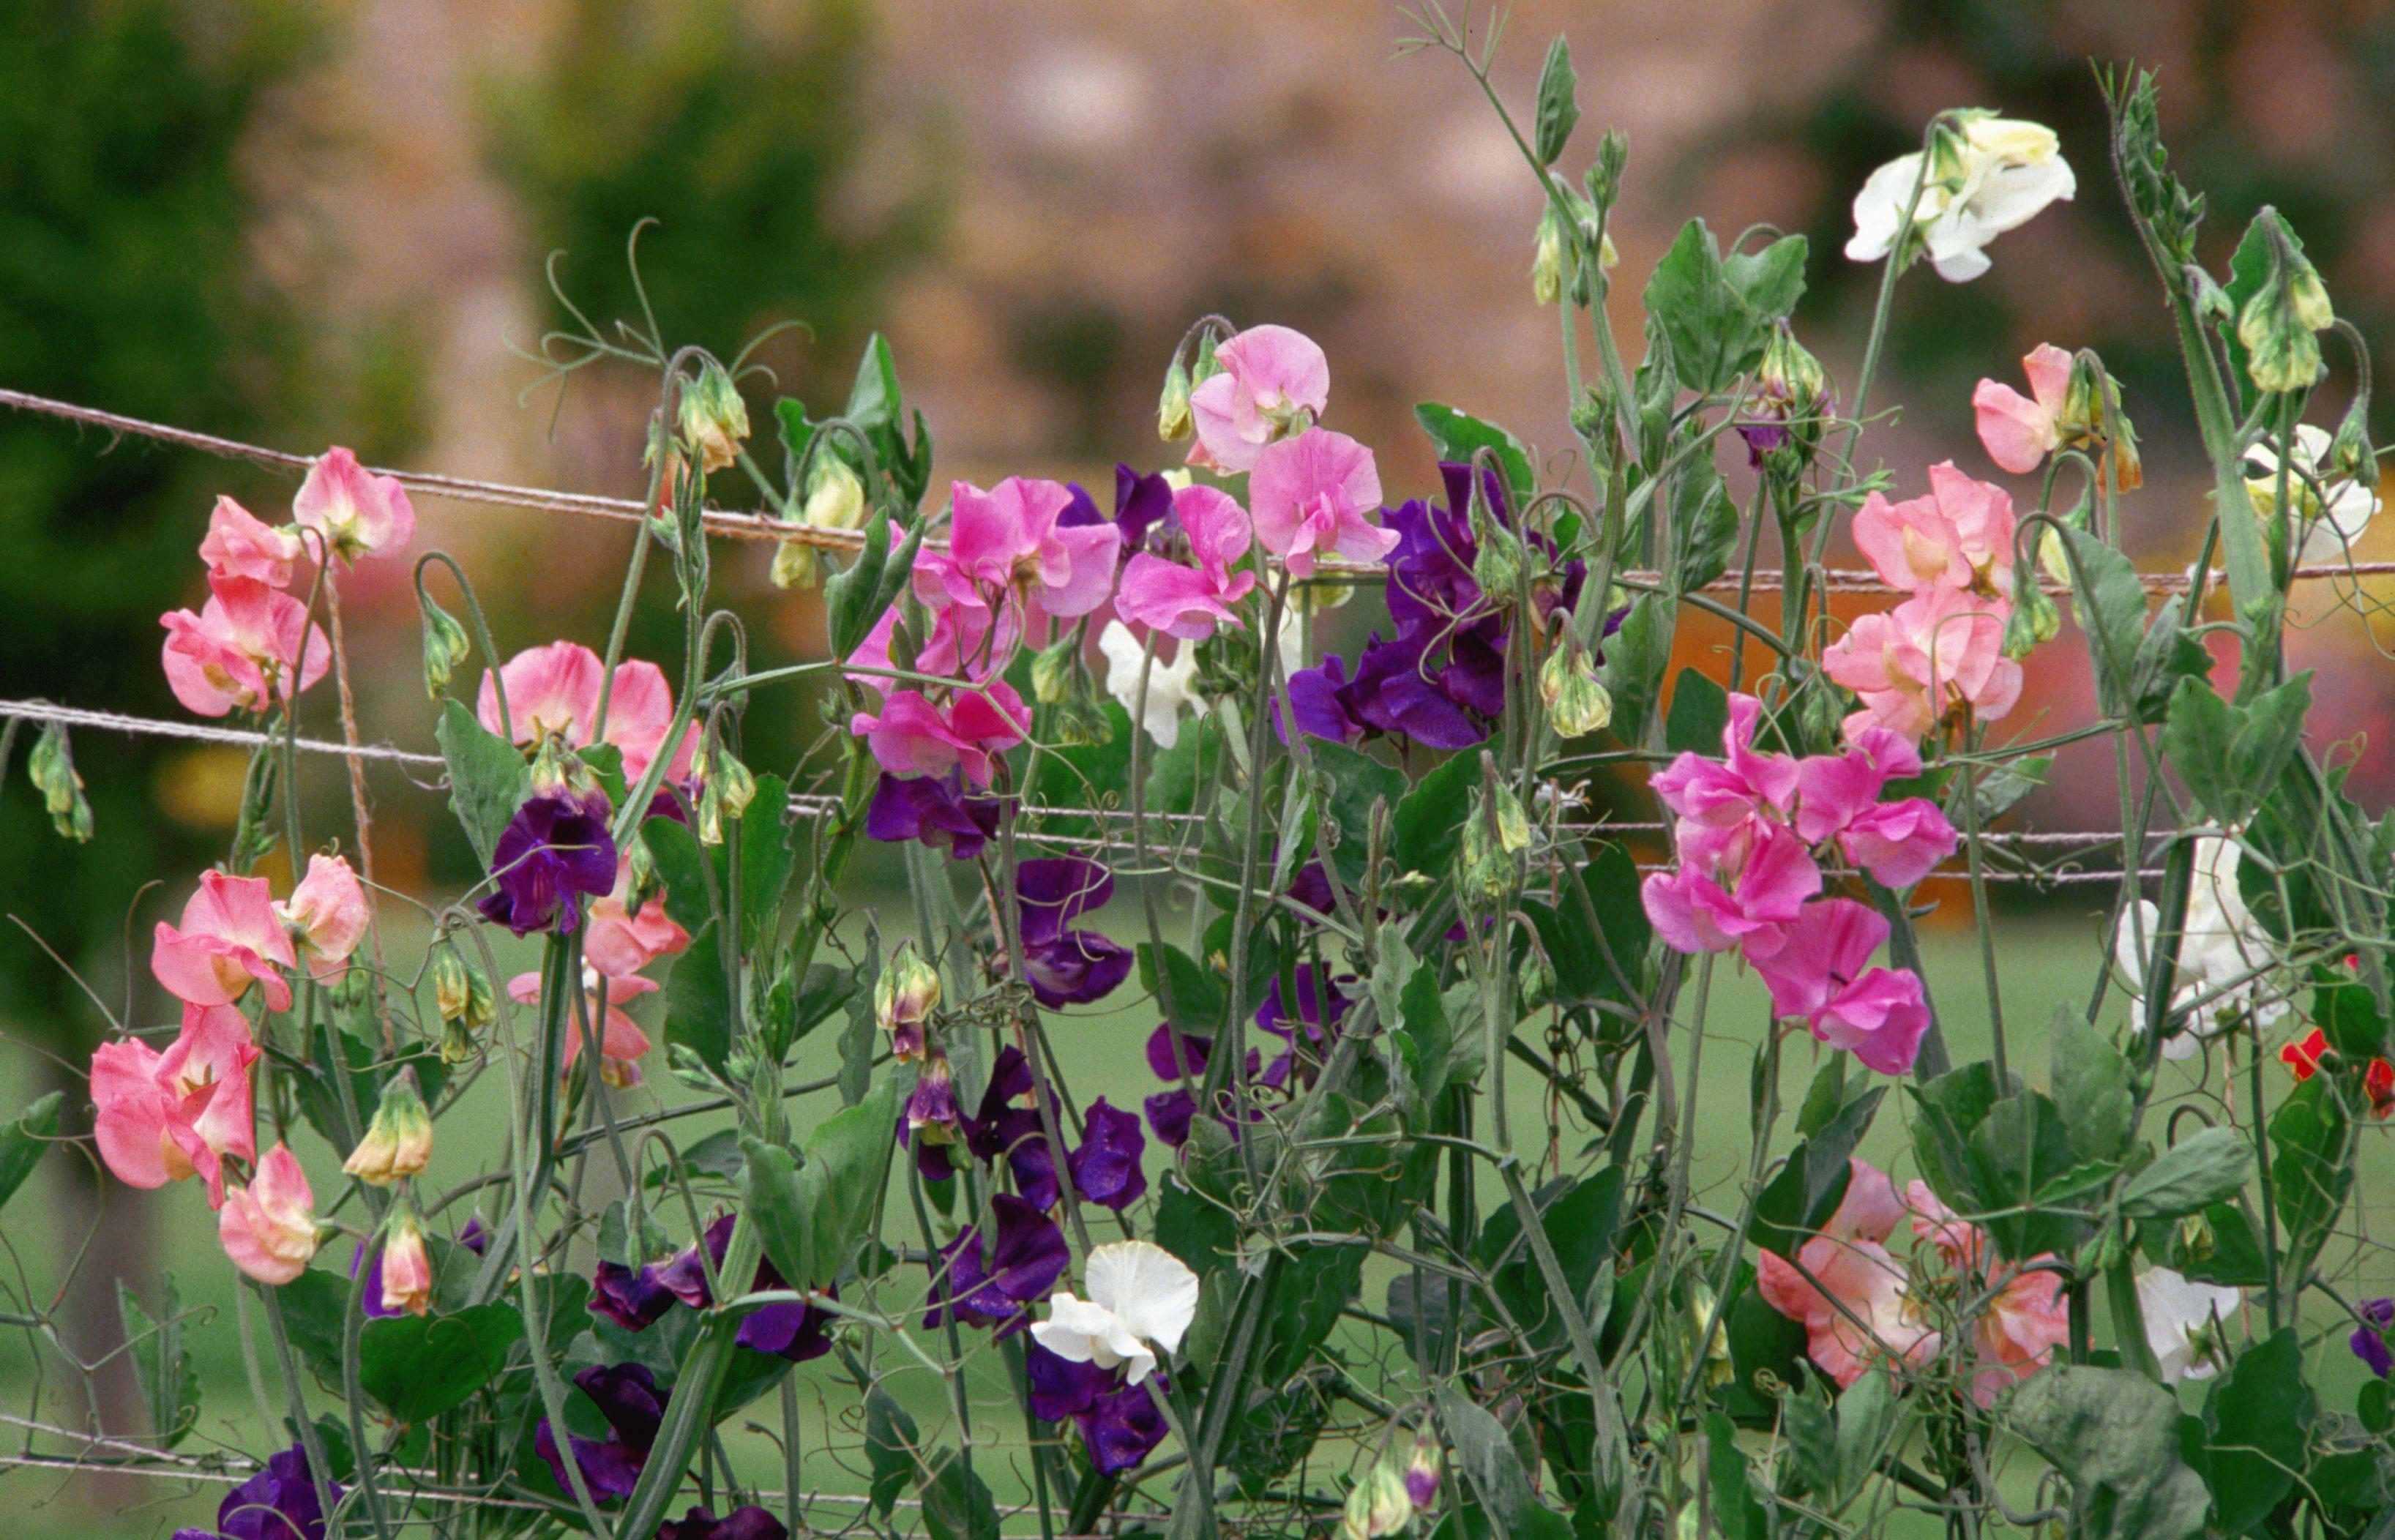 Sweet Peas (Lathyrus odoratus)